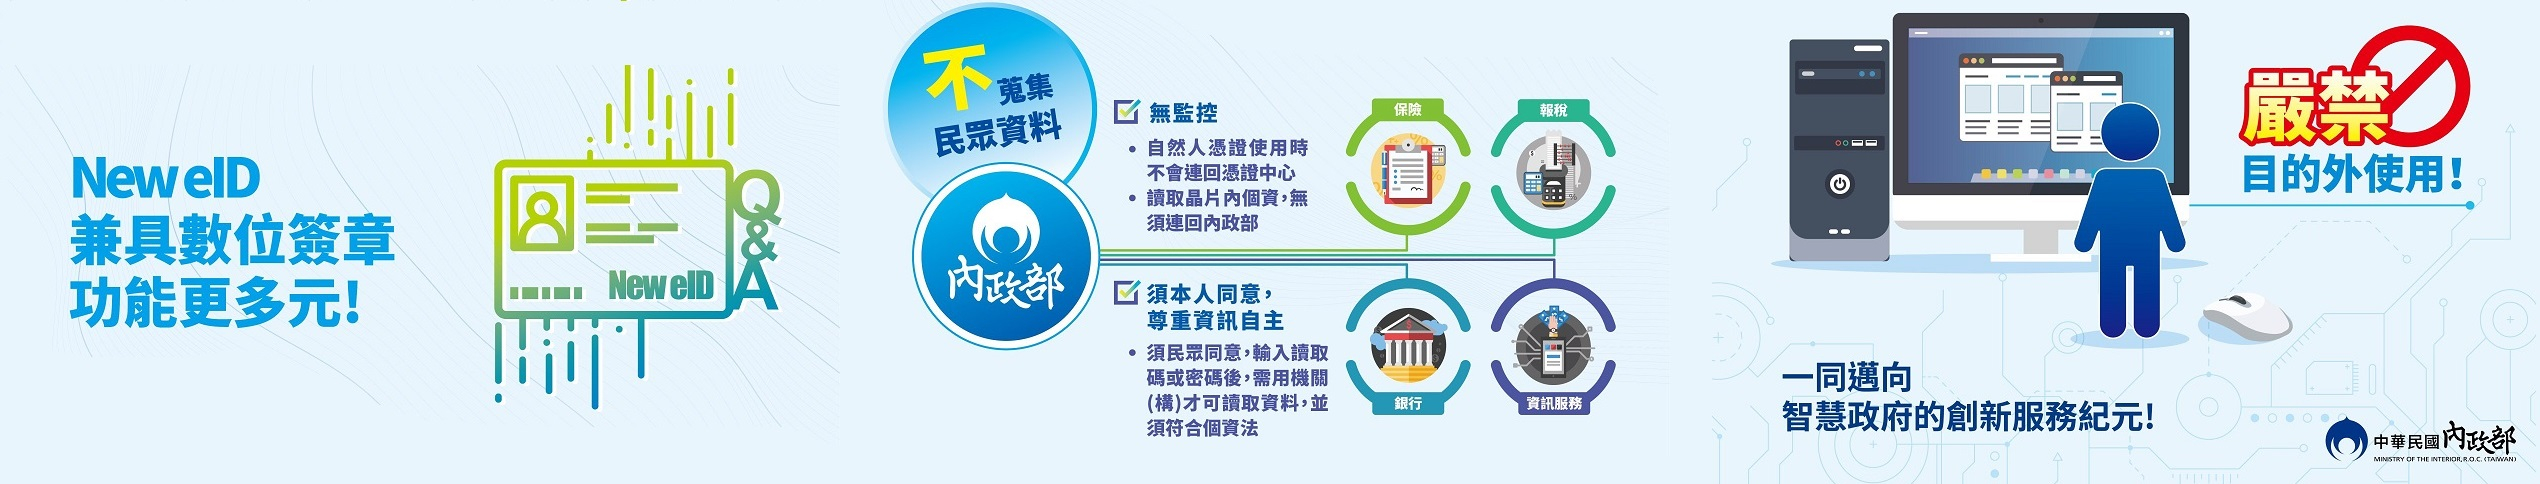 預計109年10月開始全面換發新式數位身分識別證(New eID)!(另開新視窗)